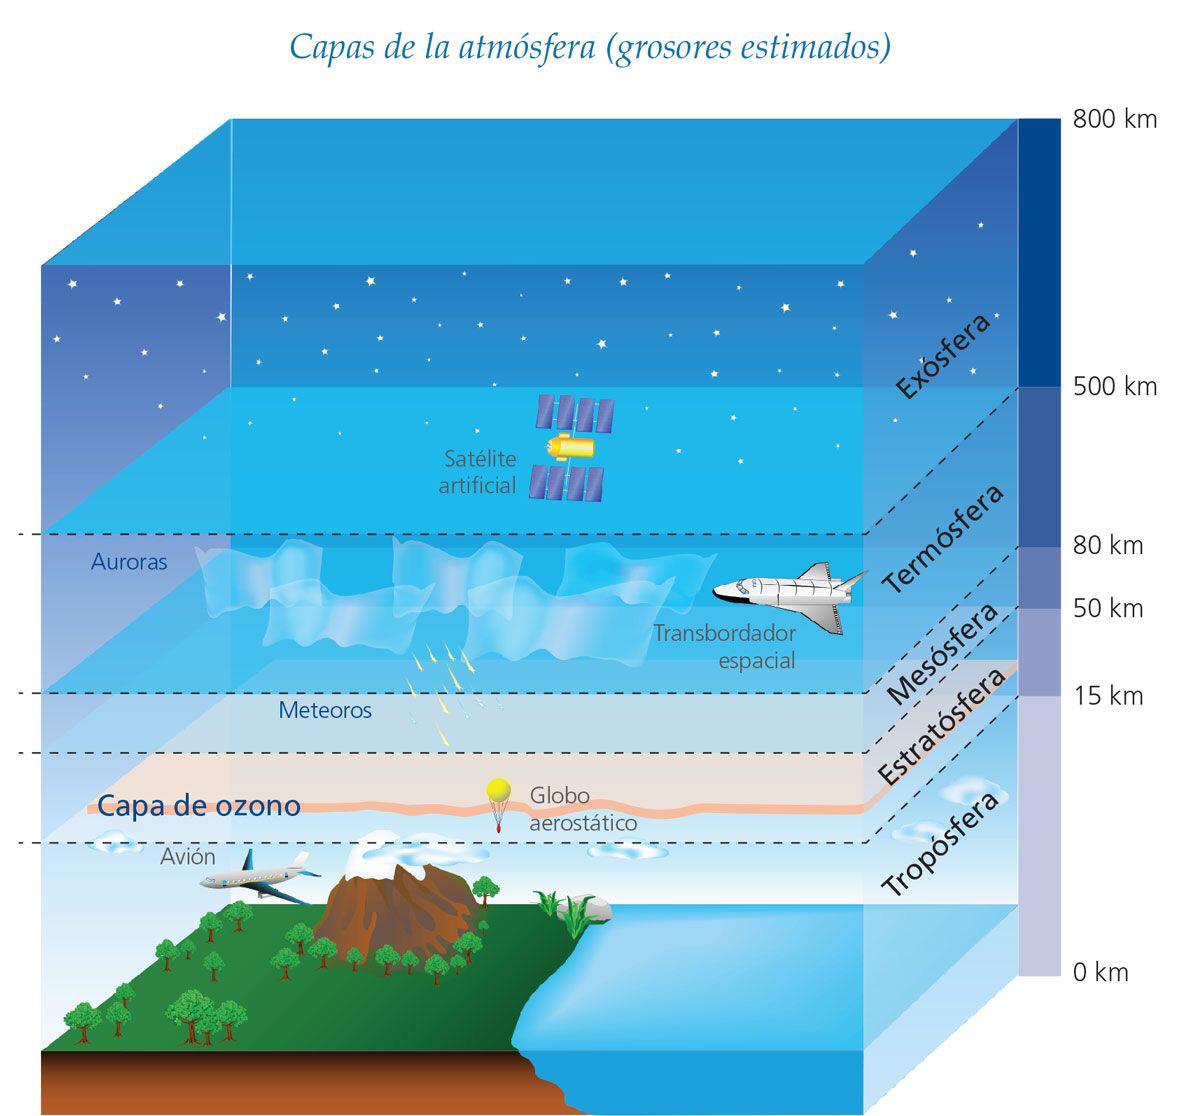 Las Capas De La Atmosfera Atmosfera Terrestre Ciencias De La Tierra Atmosfera